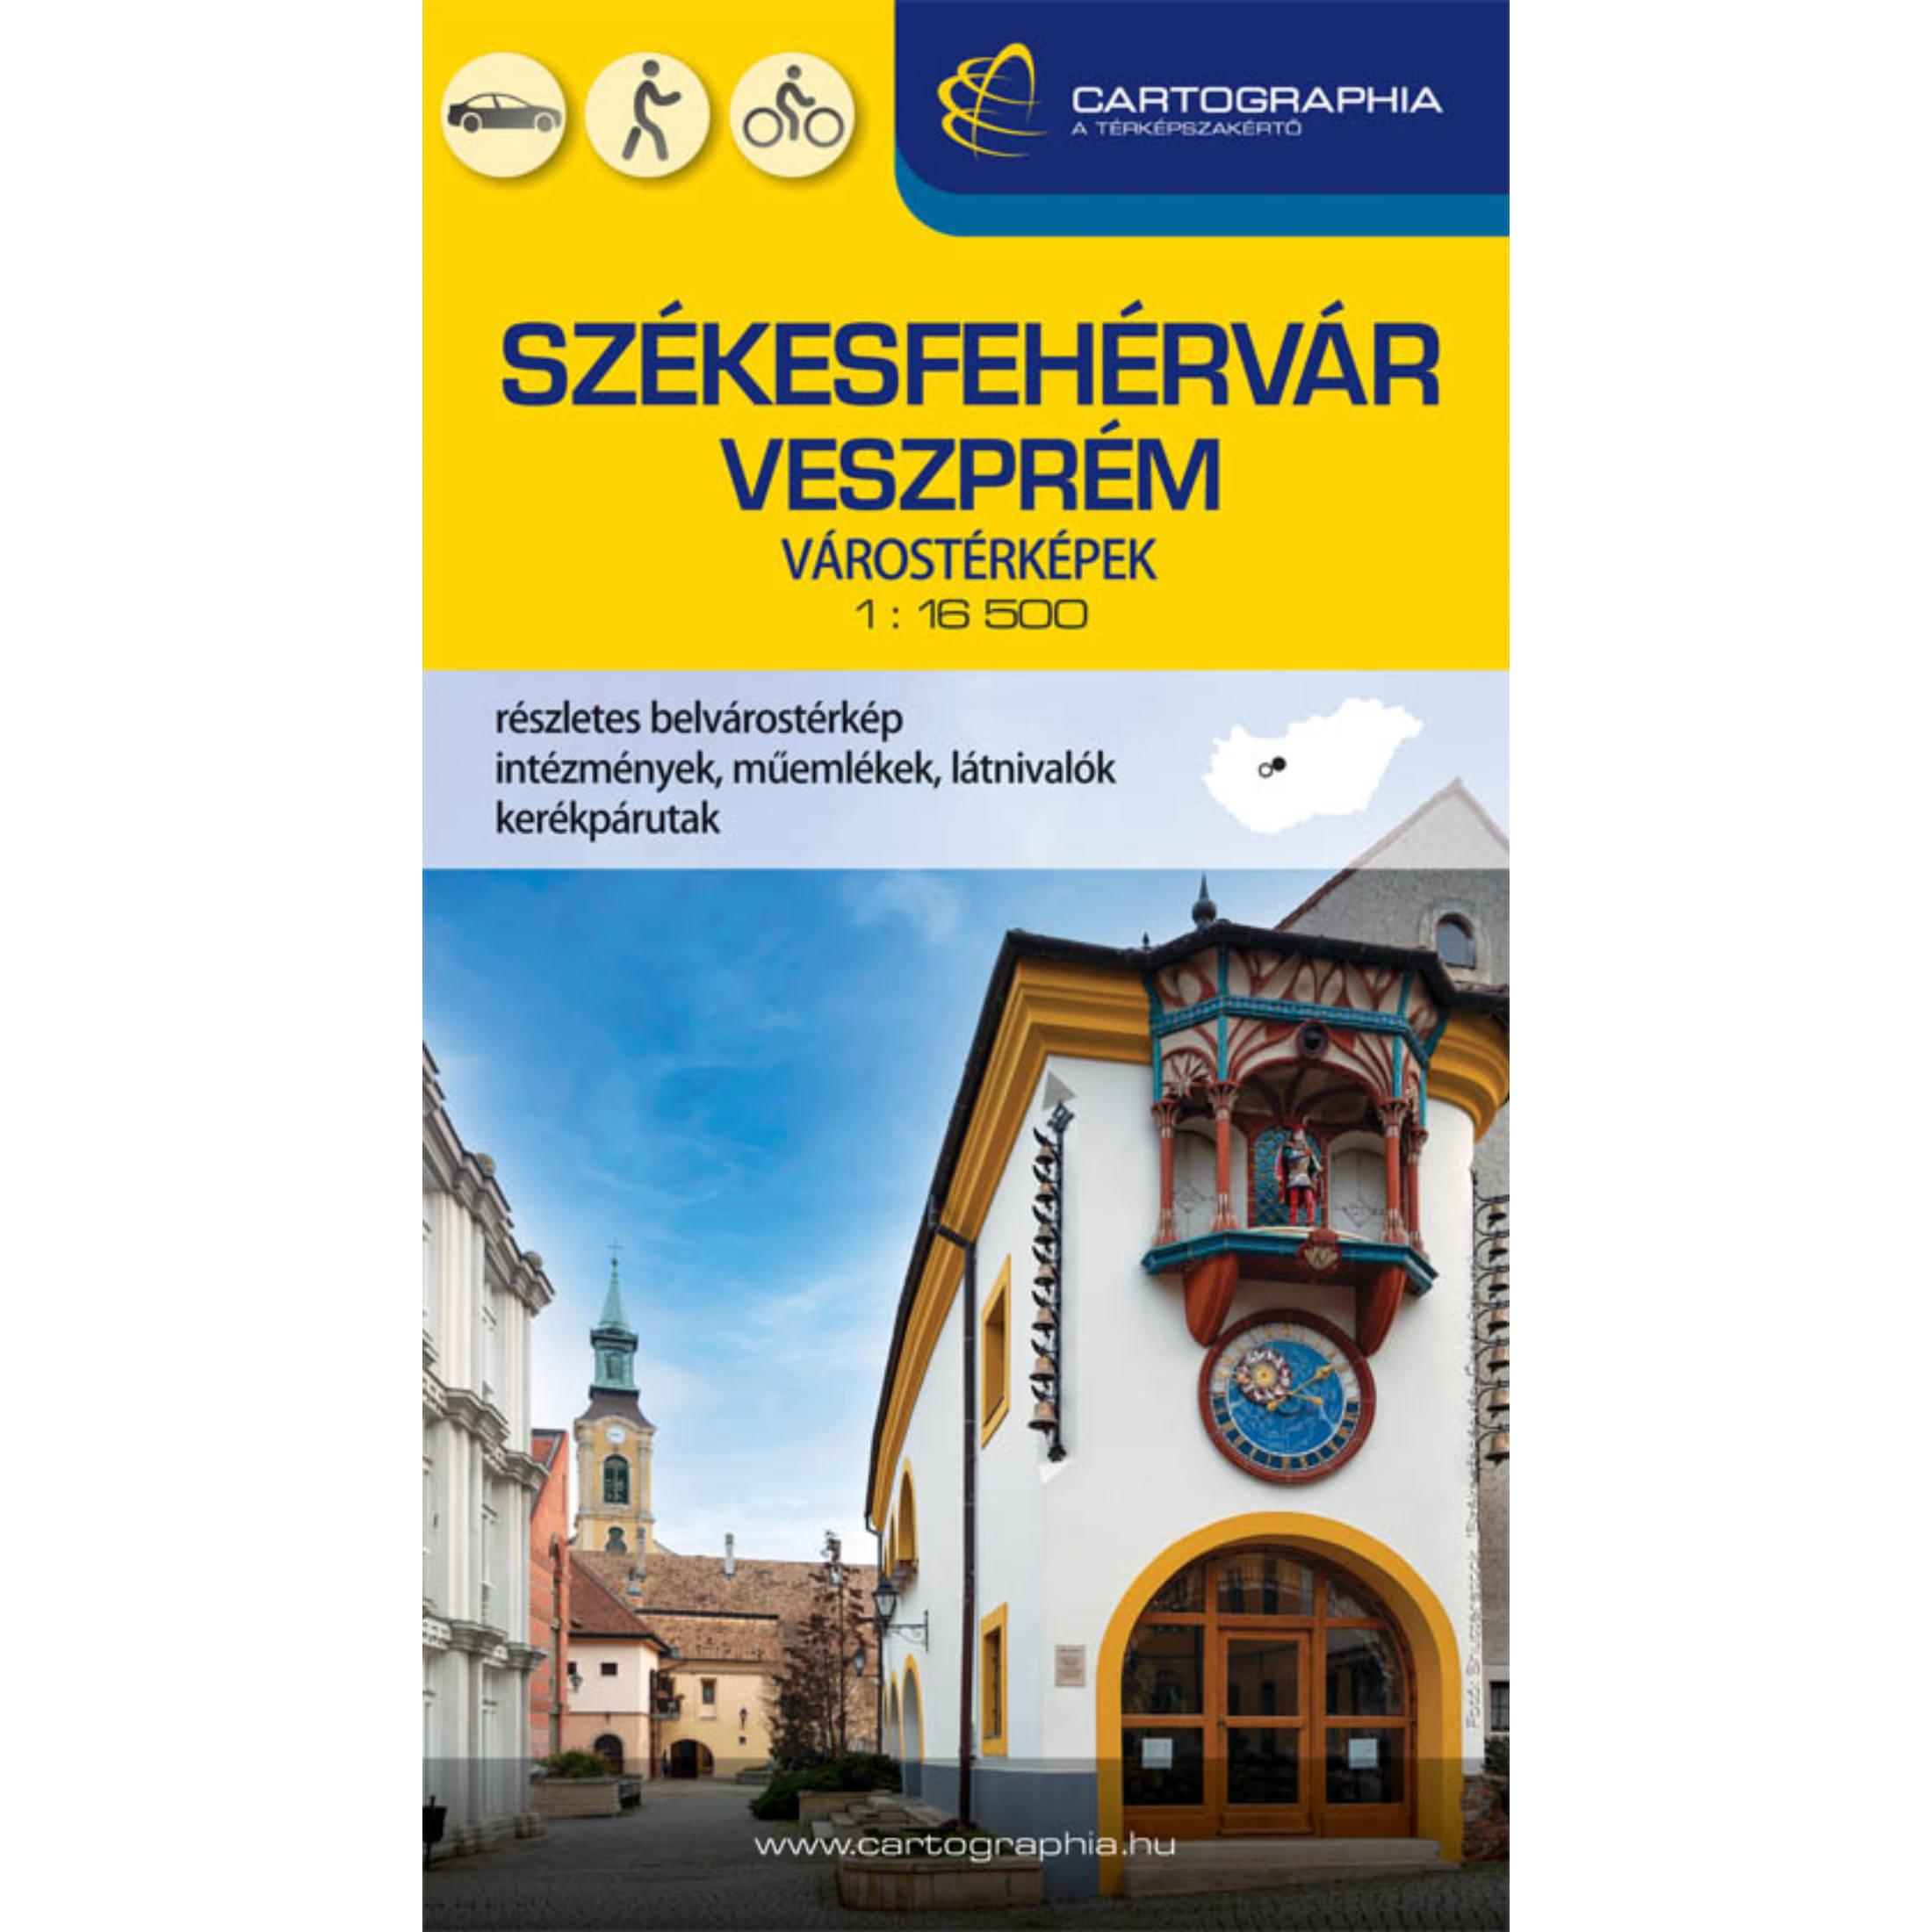 Székesfehérvár, Veszprém várostérkép 2021